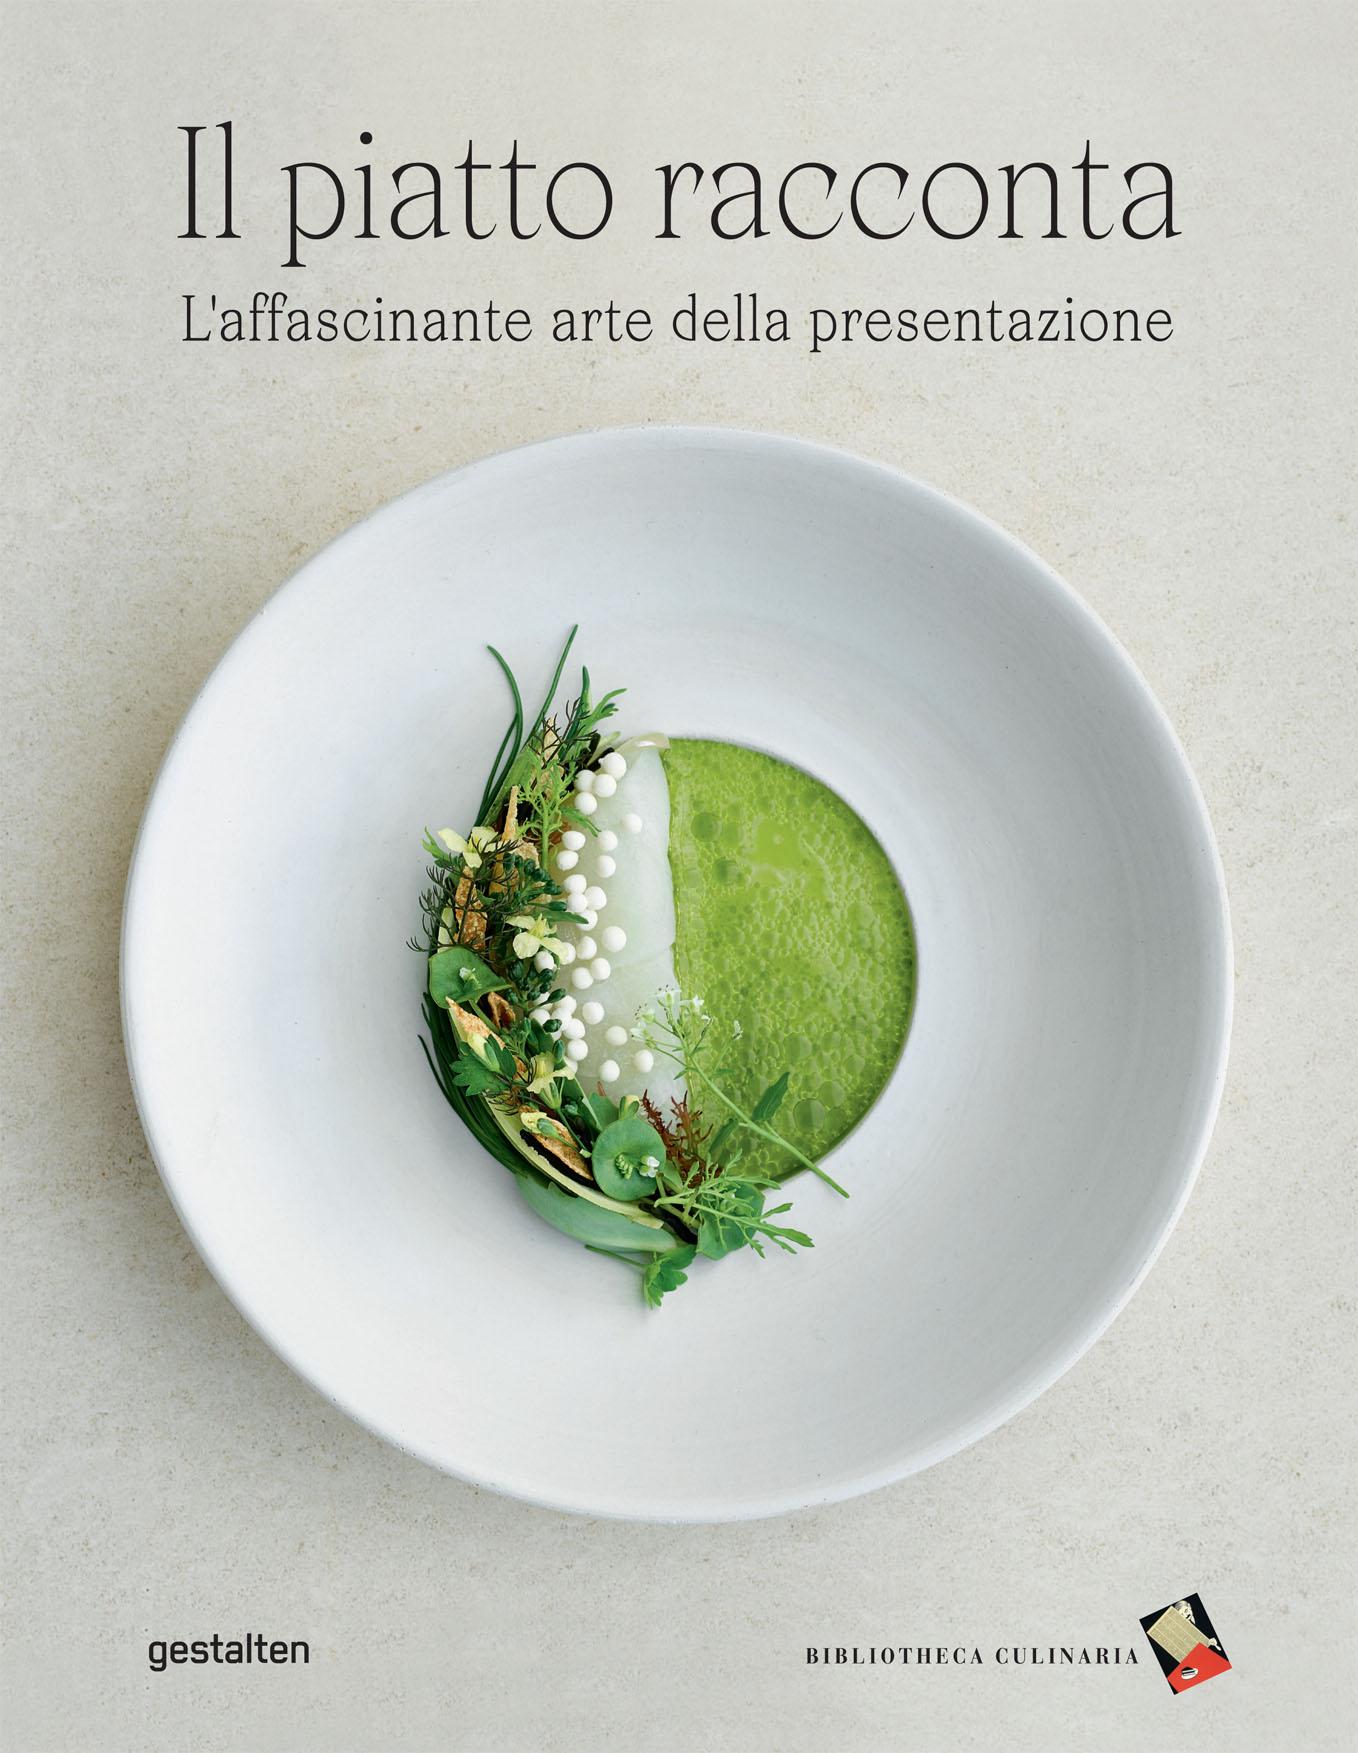 Cover_Il piatto racconta